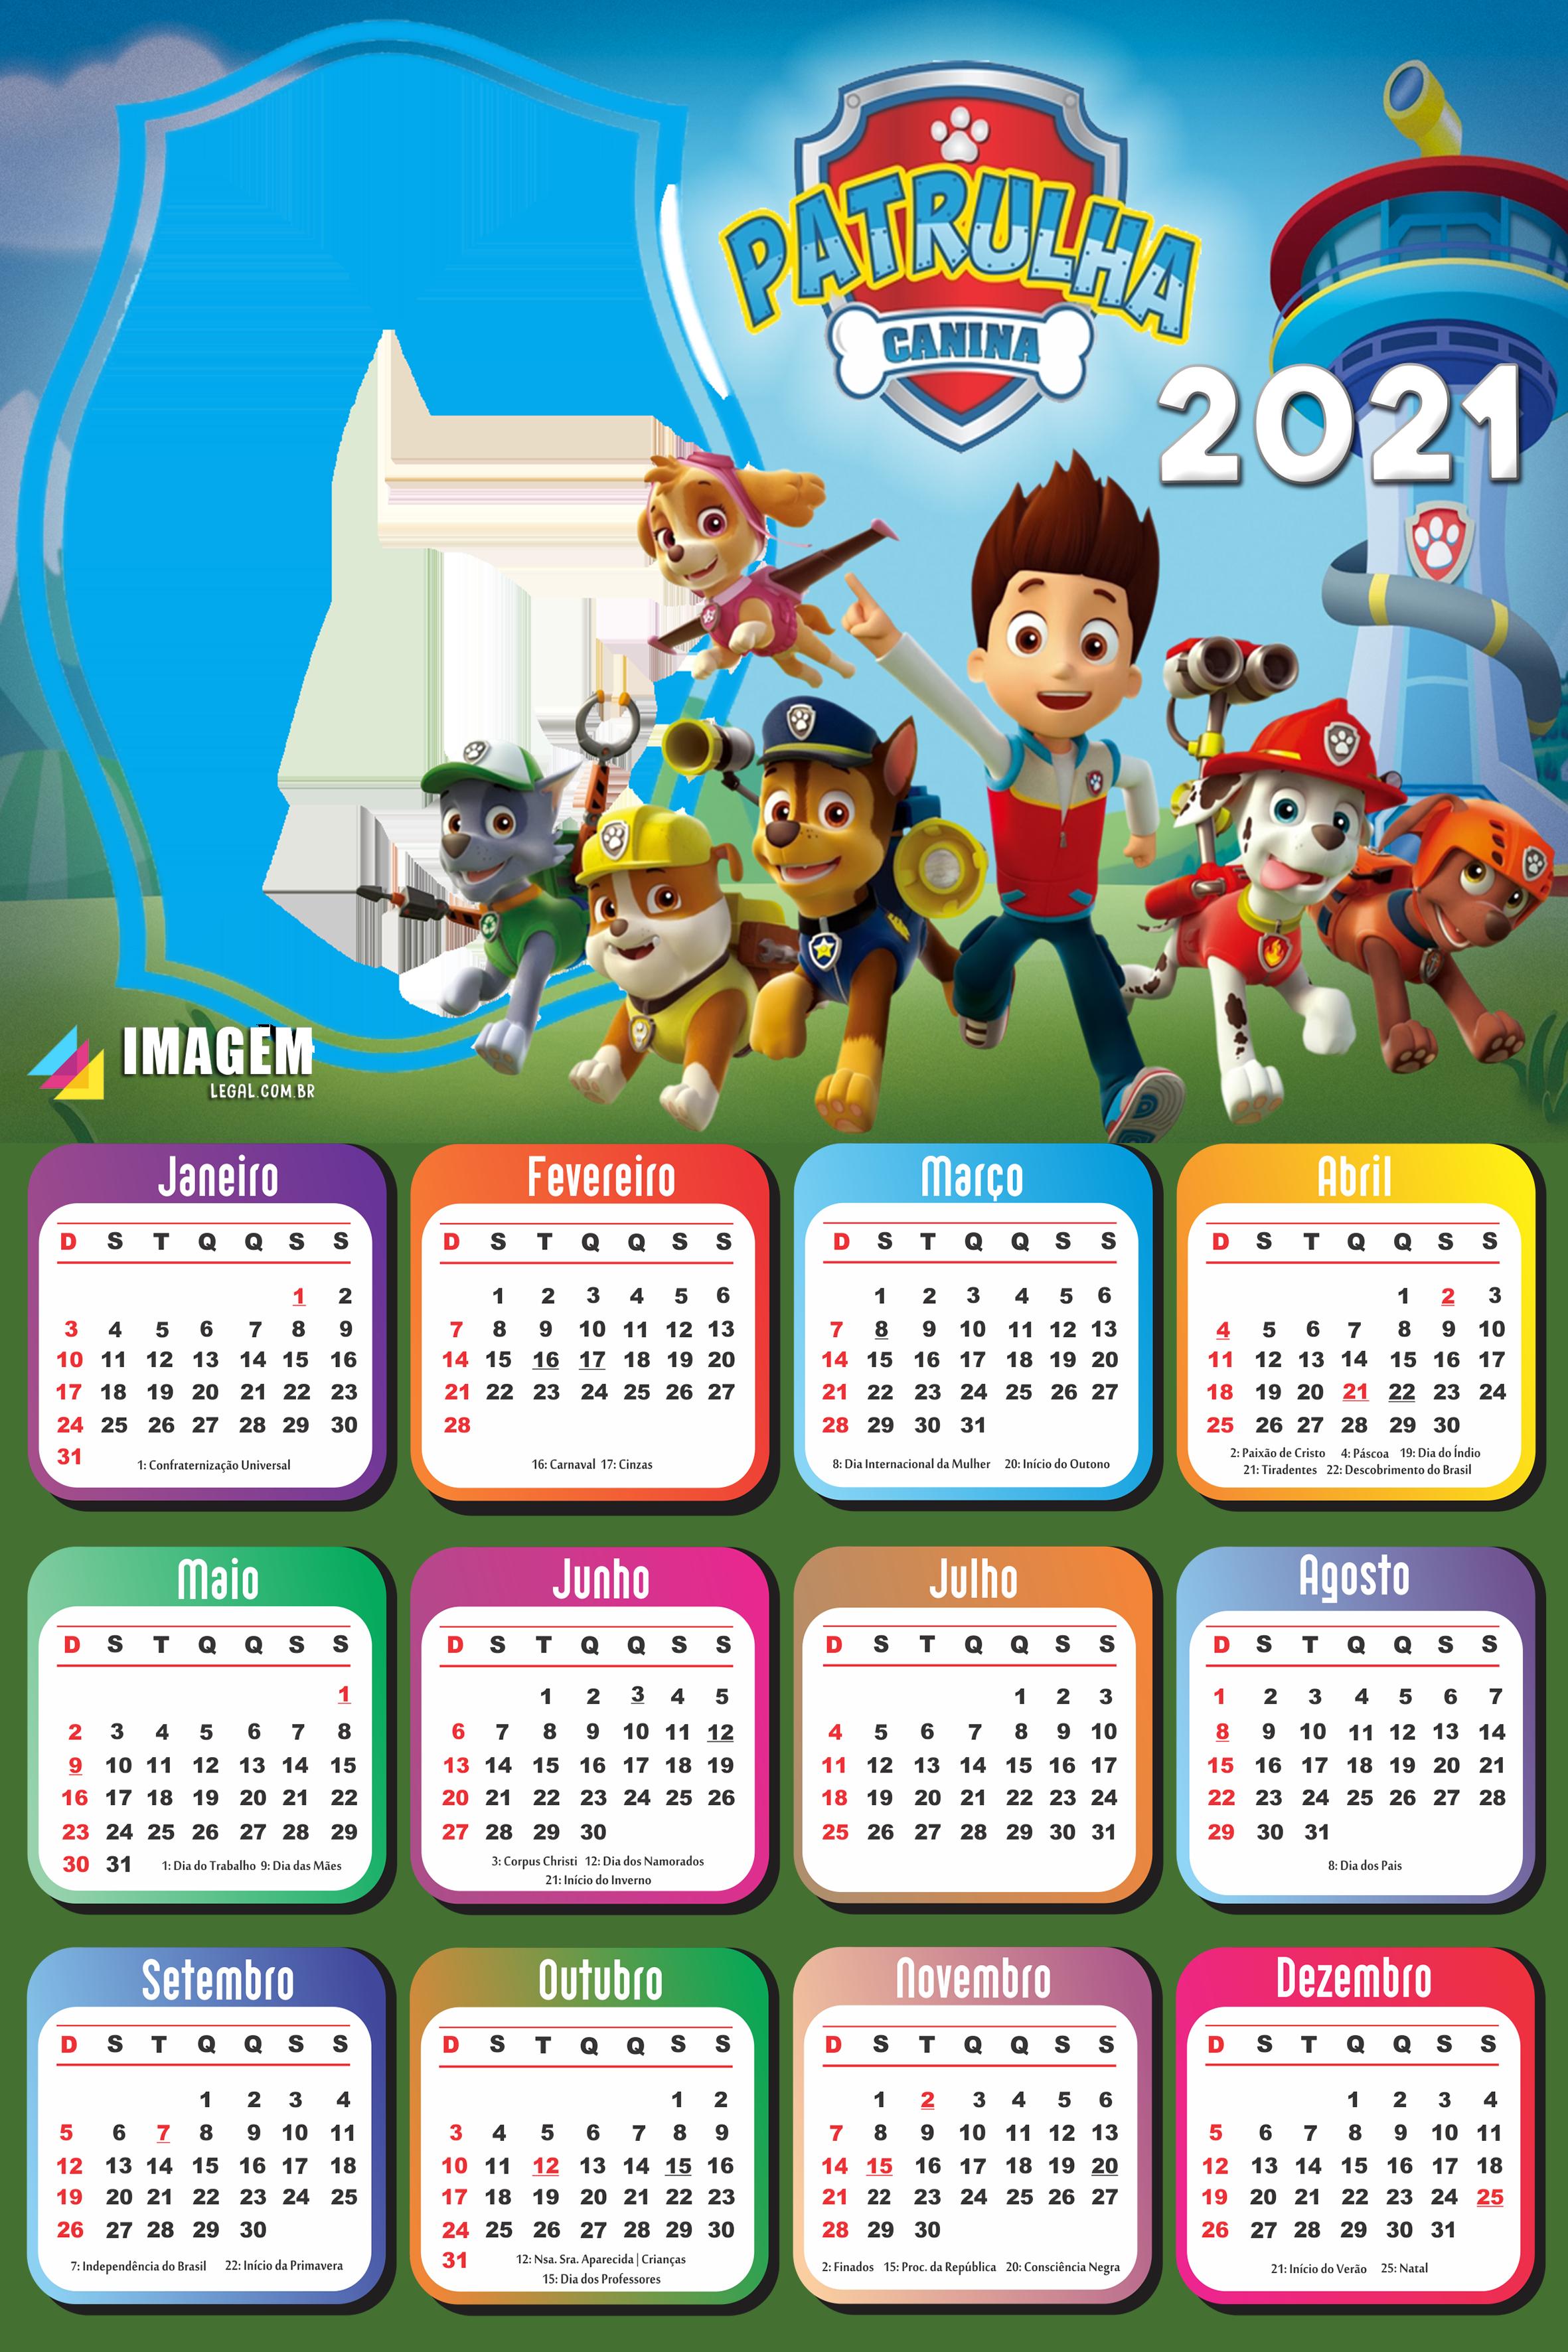 Maschera Calendario 2021 Png Pin on Calendar 2020